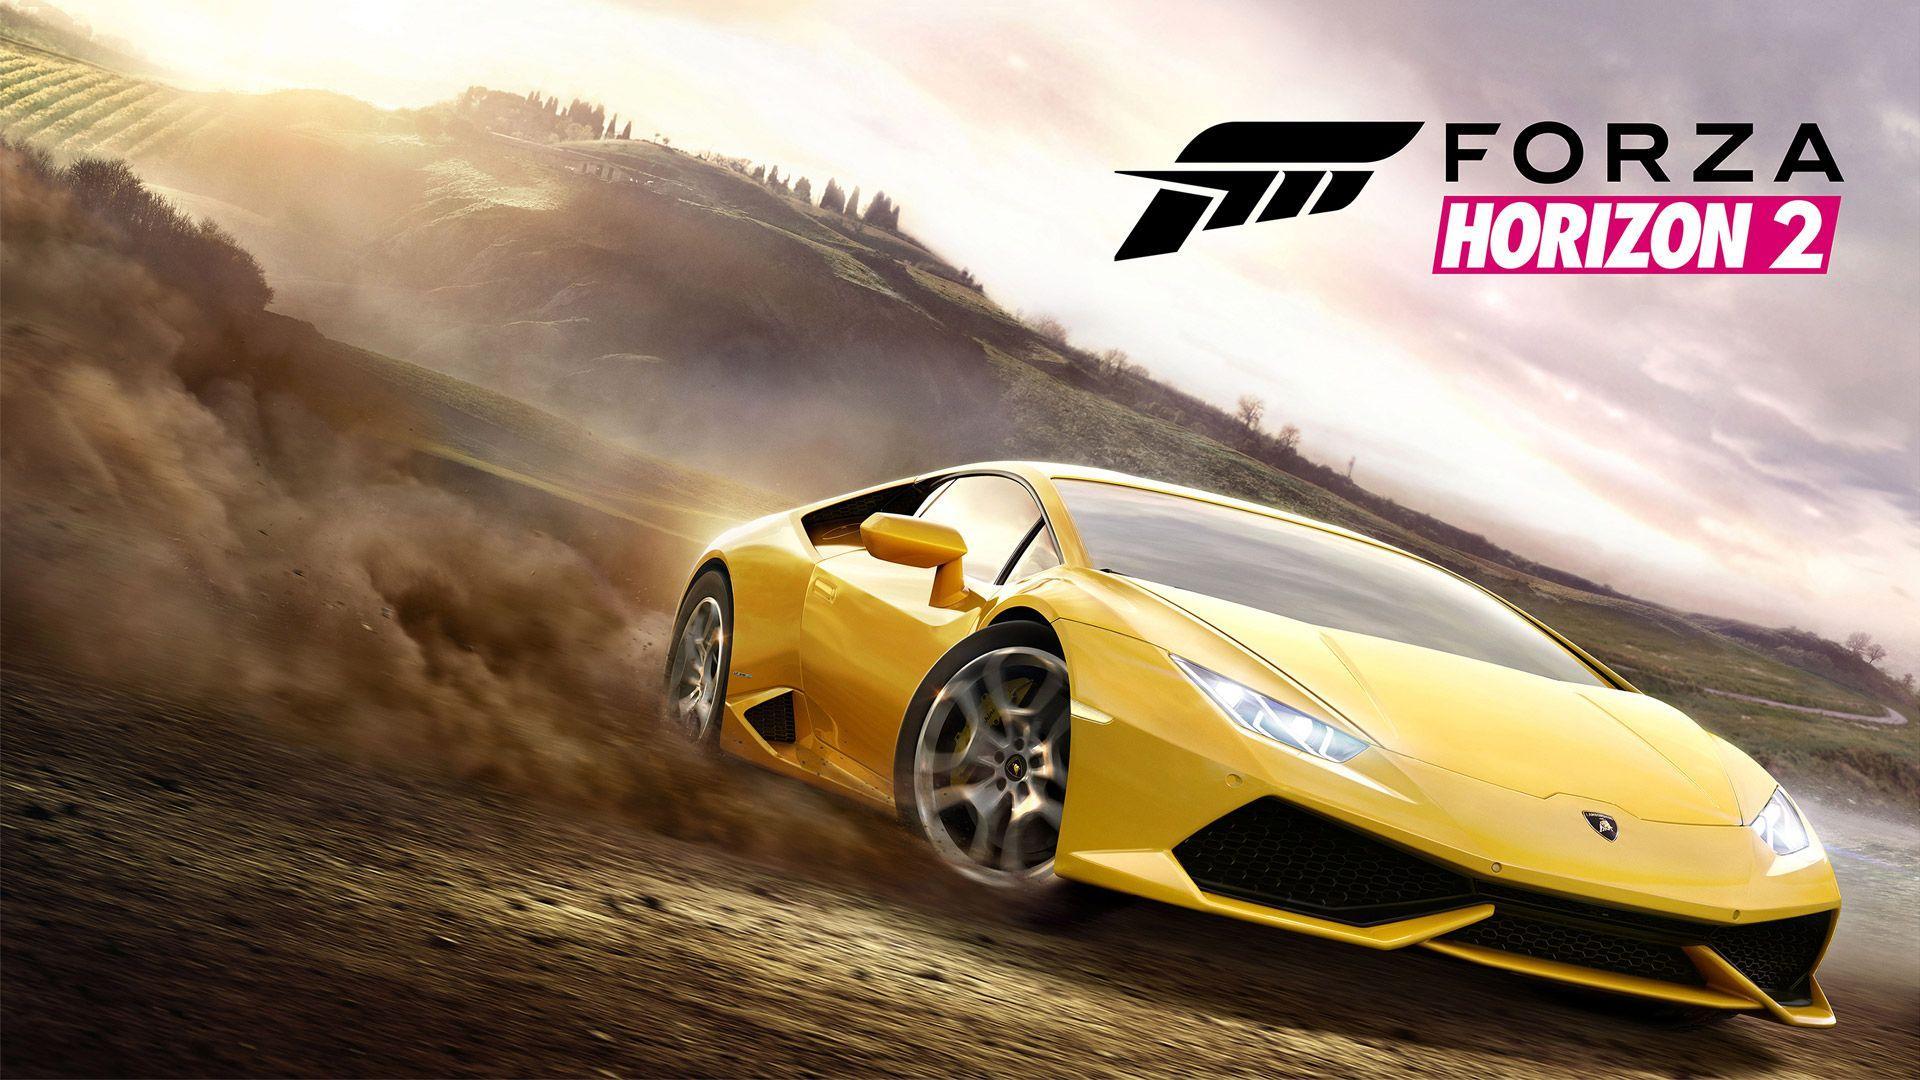 Hd Car Game Wallpapers 1080p Wallpaper Cave